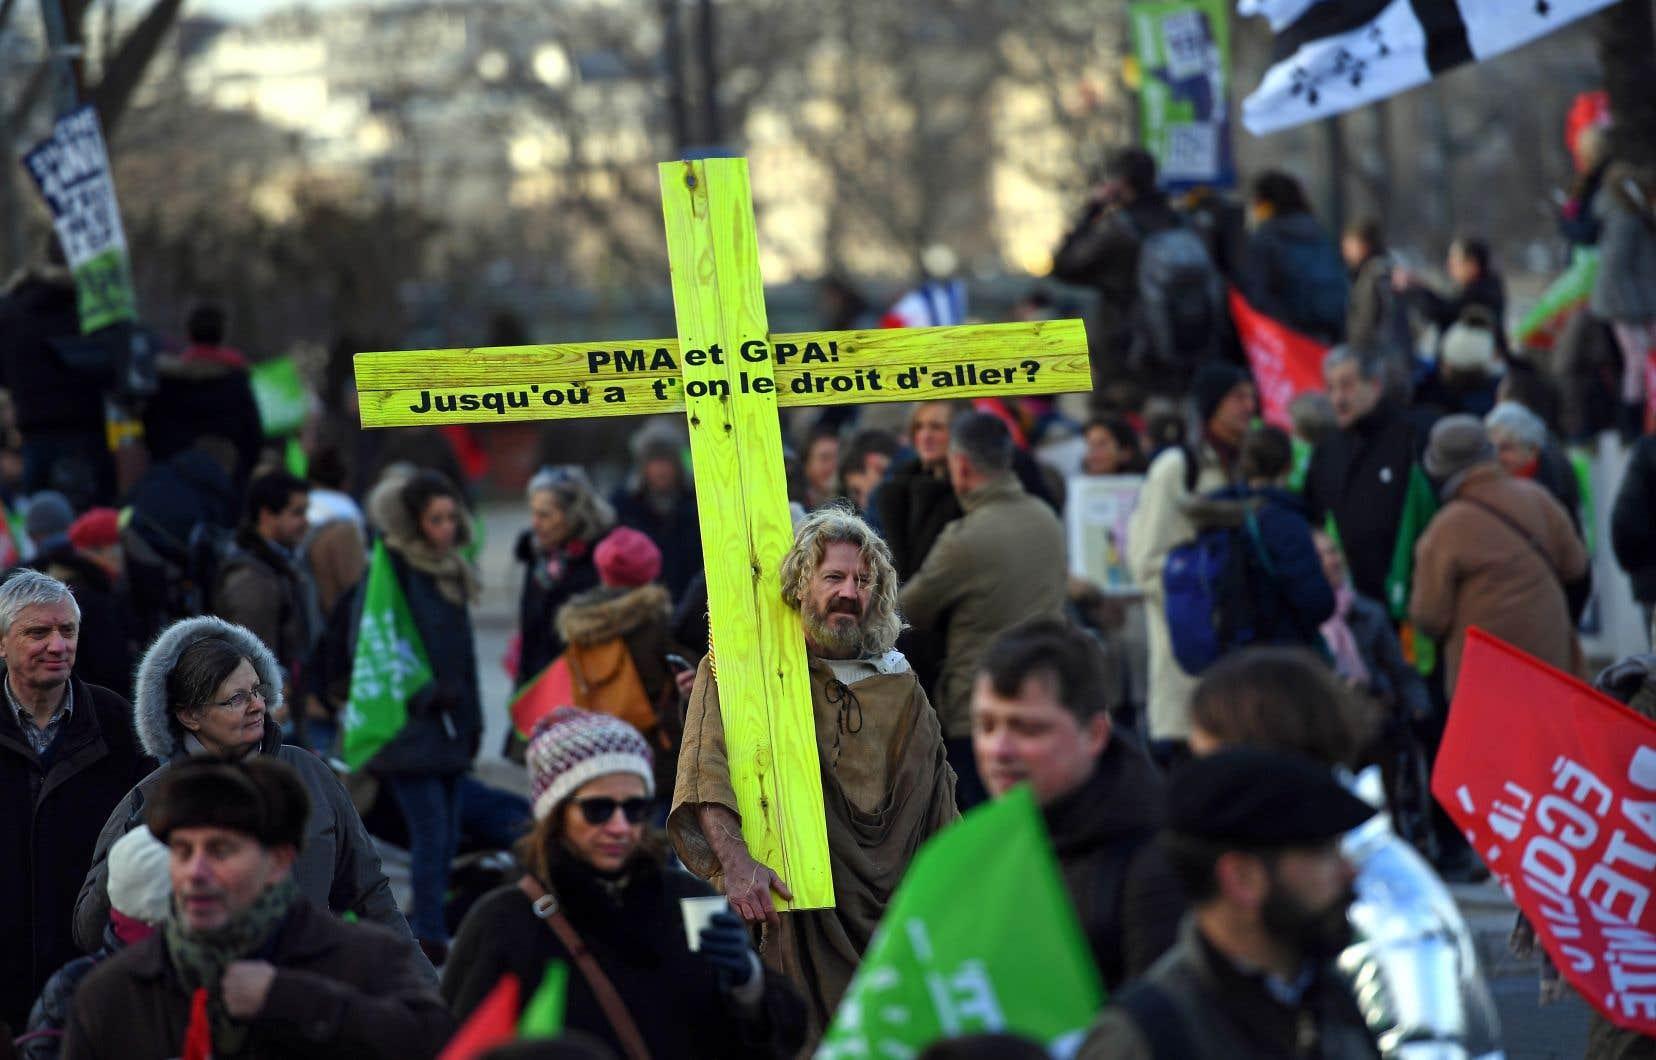 Les participants souhaitaient inciter les sénateurs à bloquer ce projet de loi qui ne fait toujours pas consensus en France.